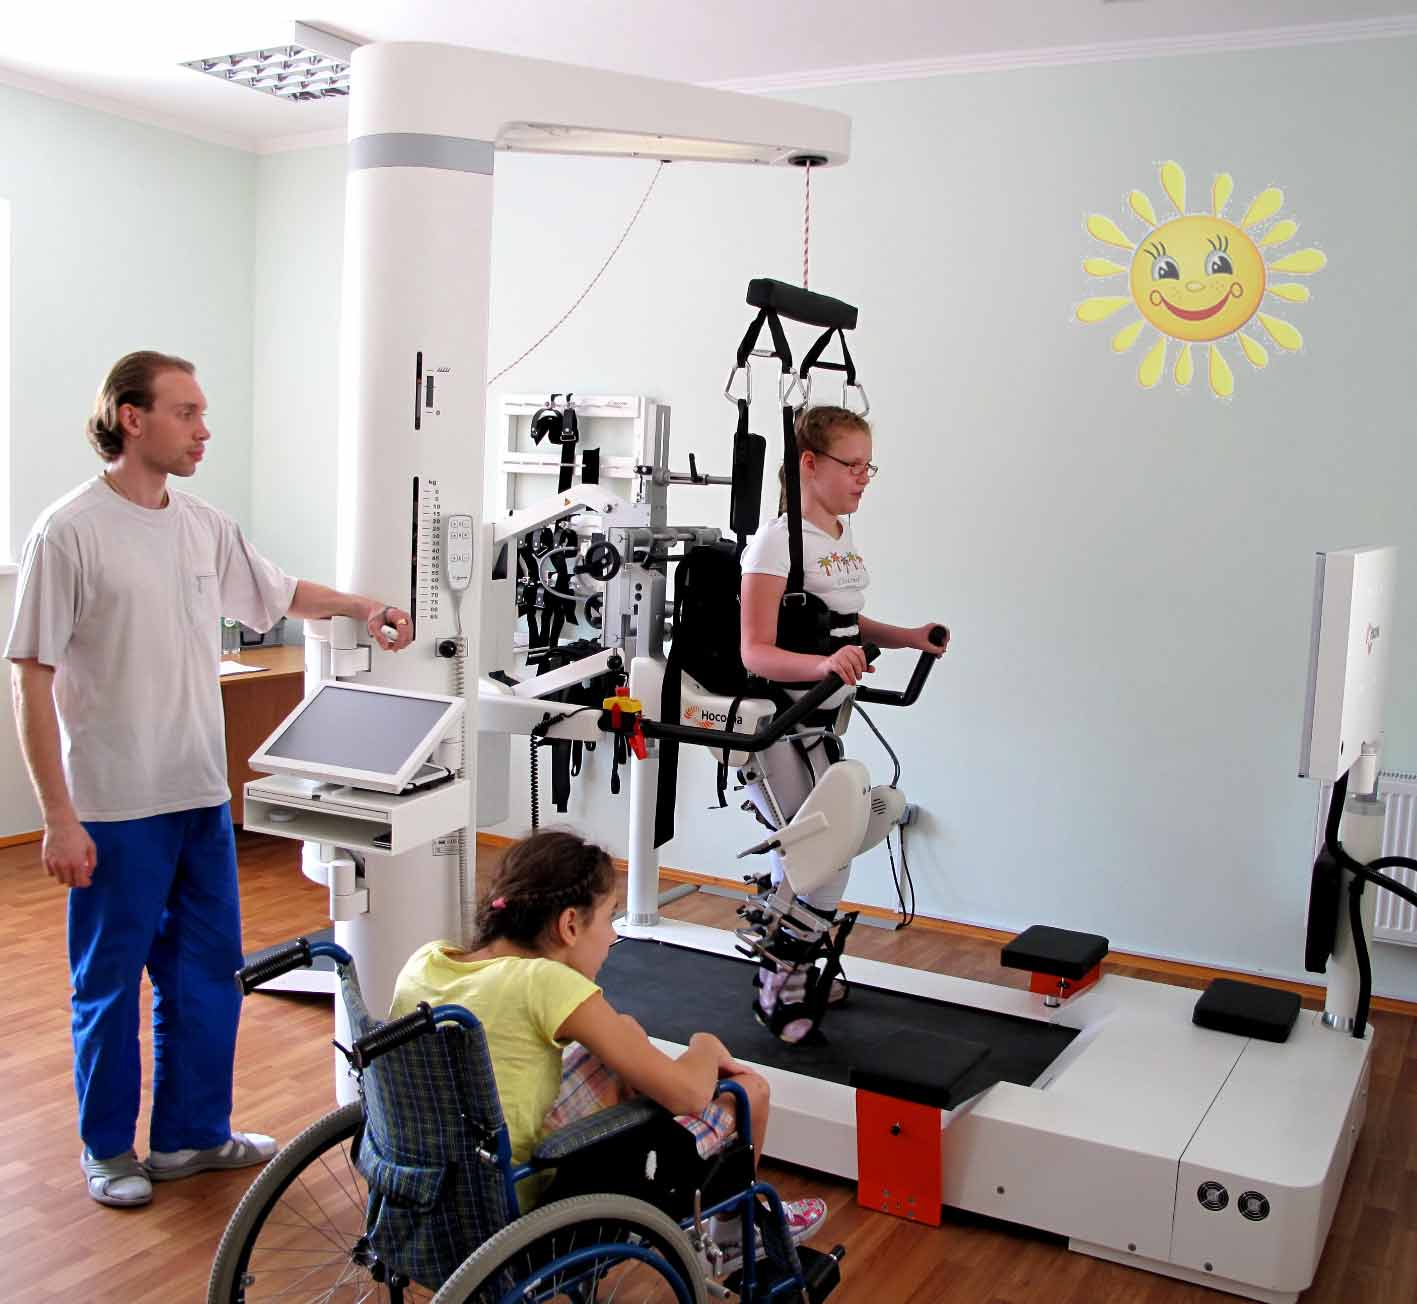 Лечение дцп в израиле помогает адаптировать детей к самостоятельной жизни